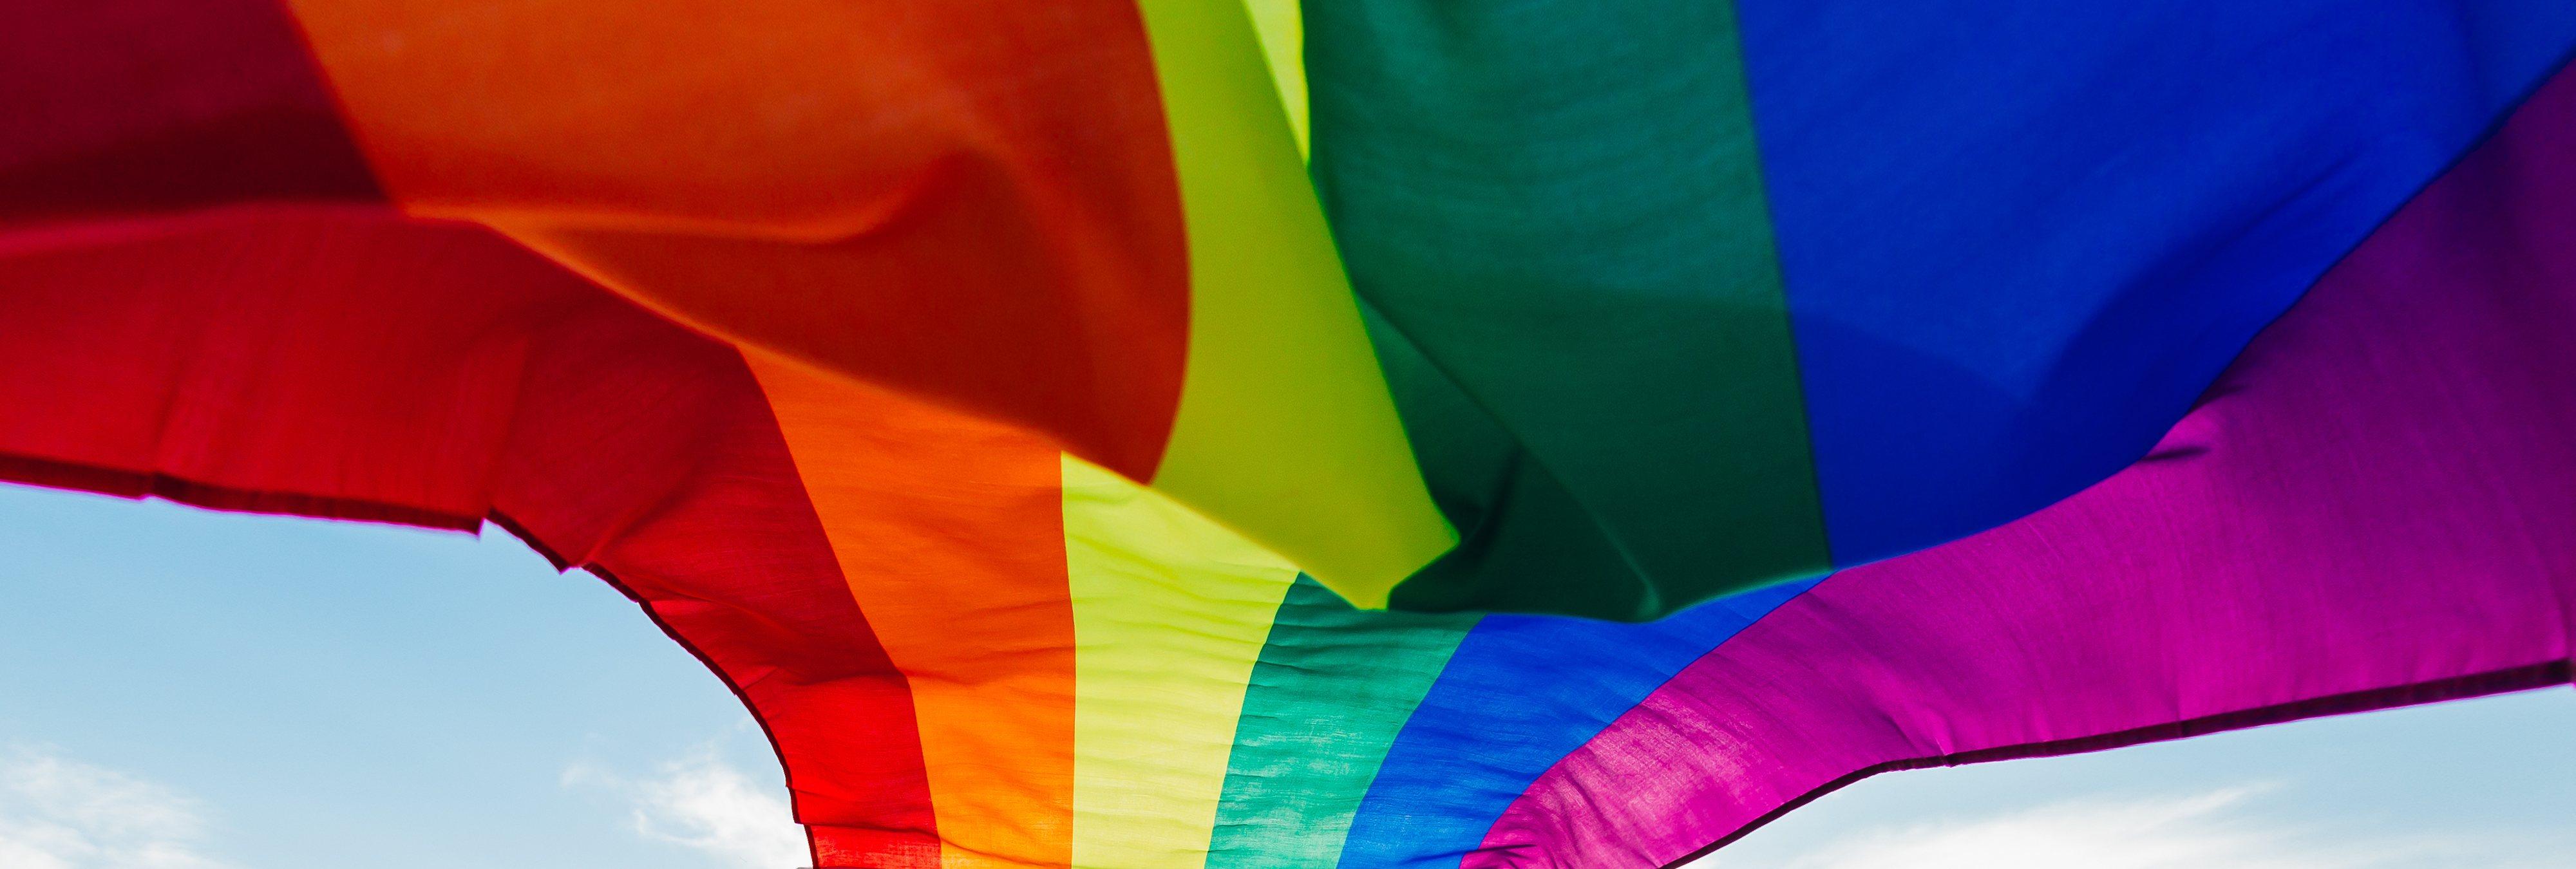 Ucrania registra una ley para prohibir la homosexualidad